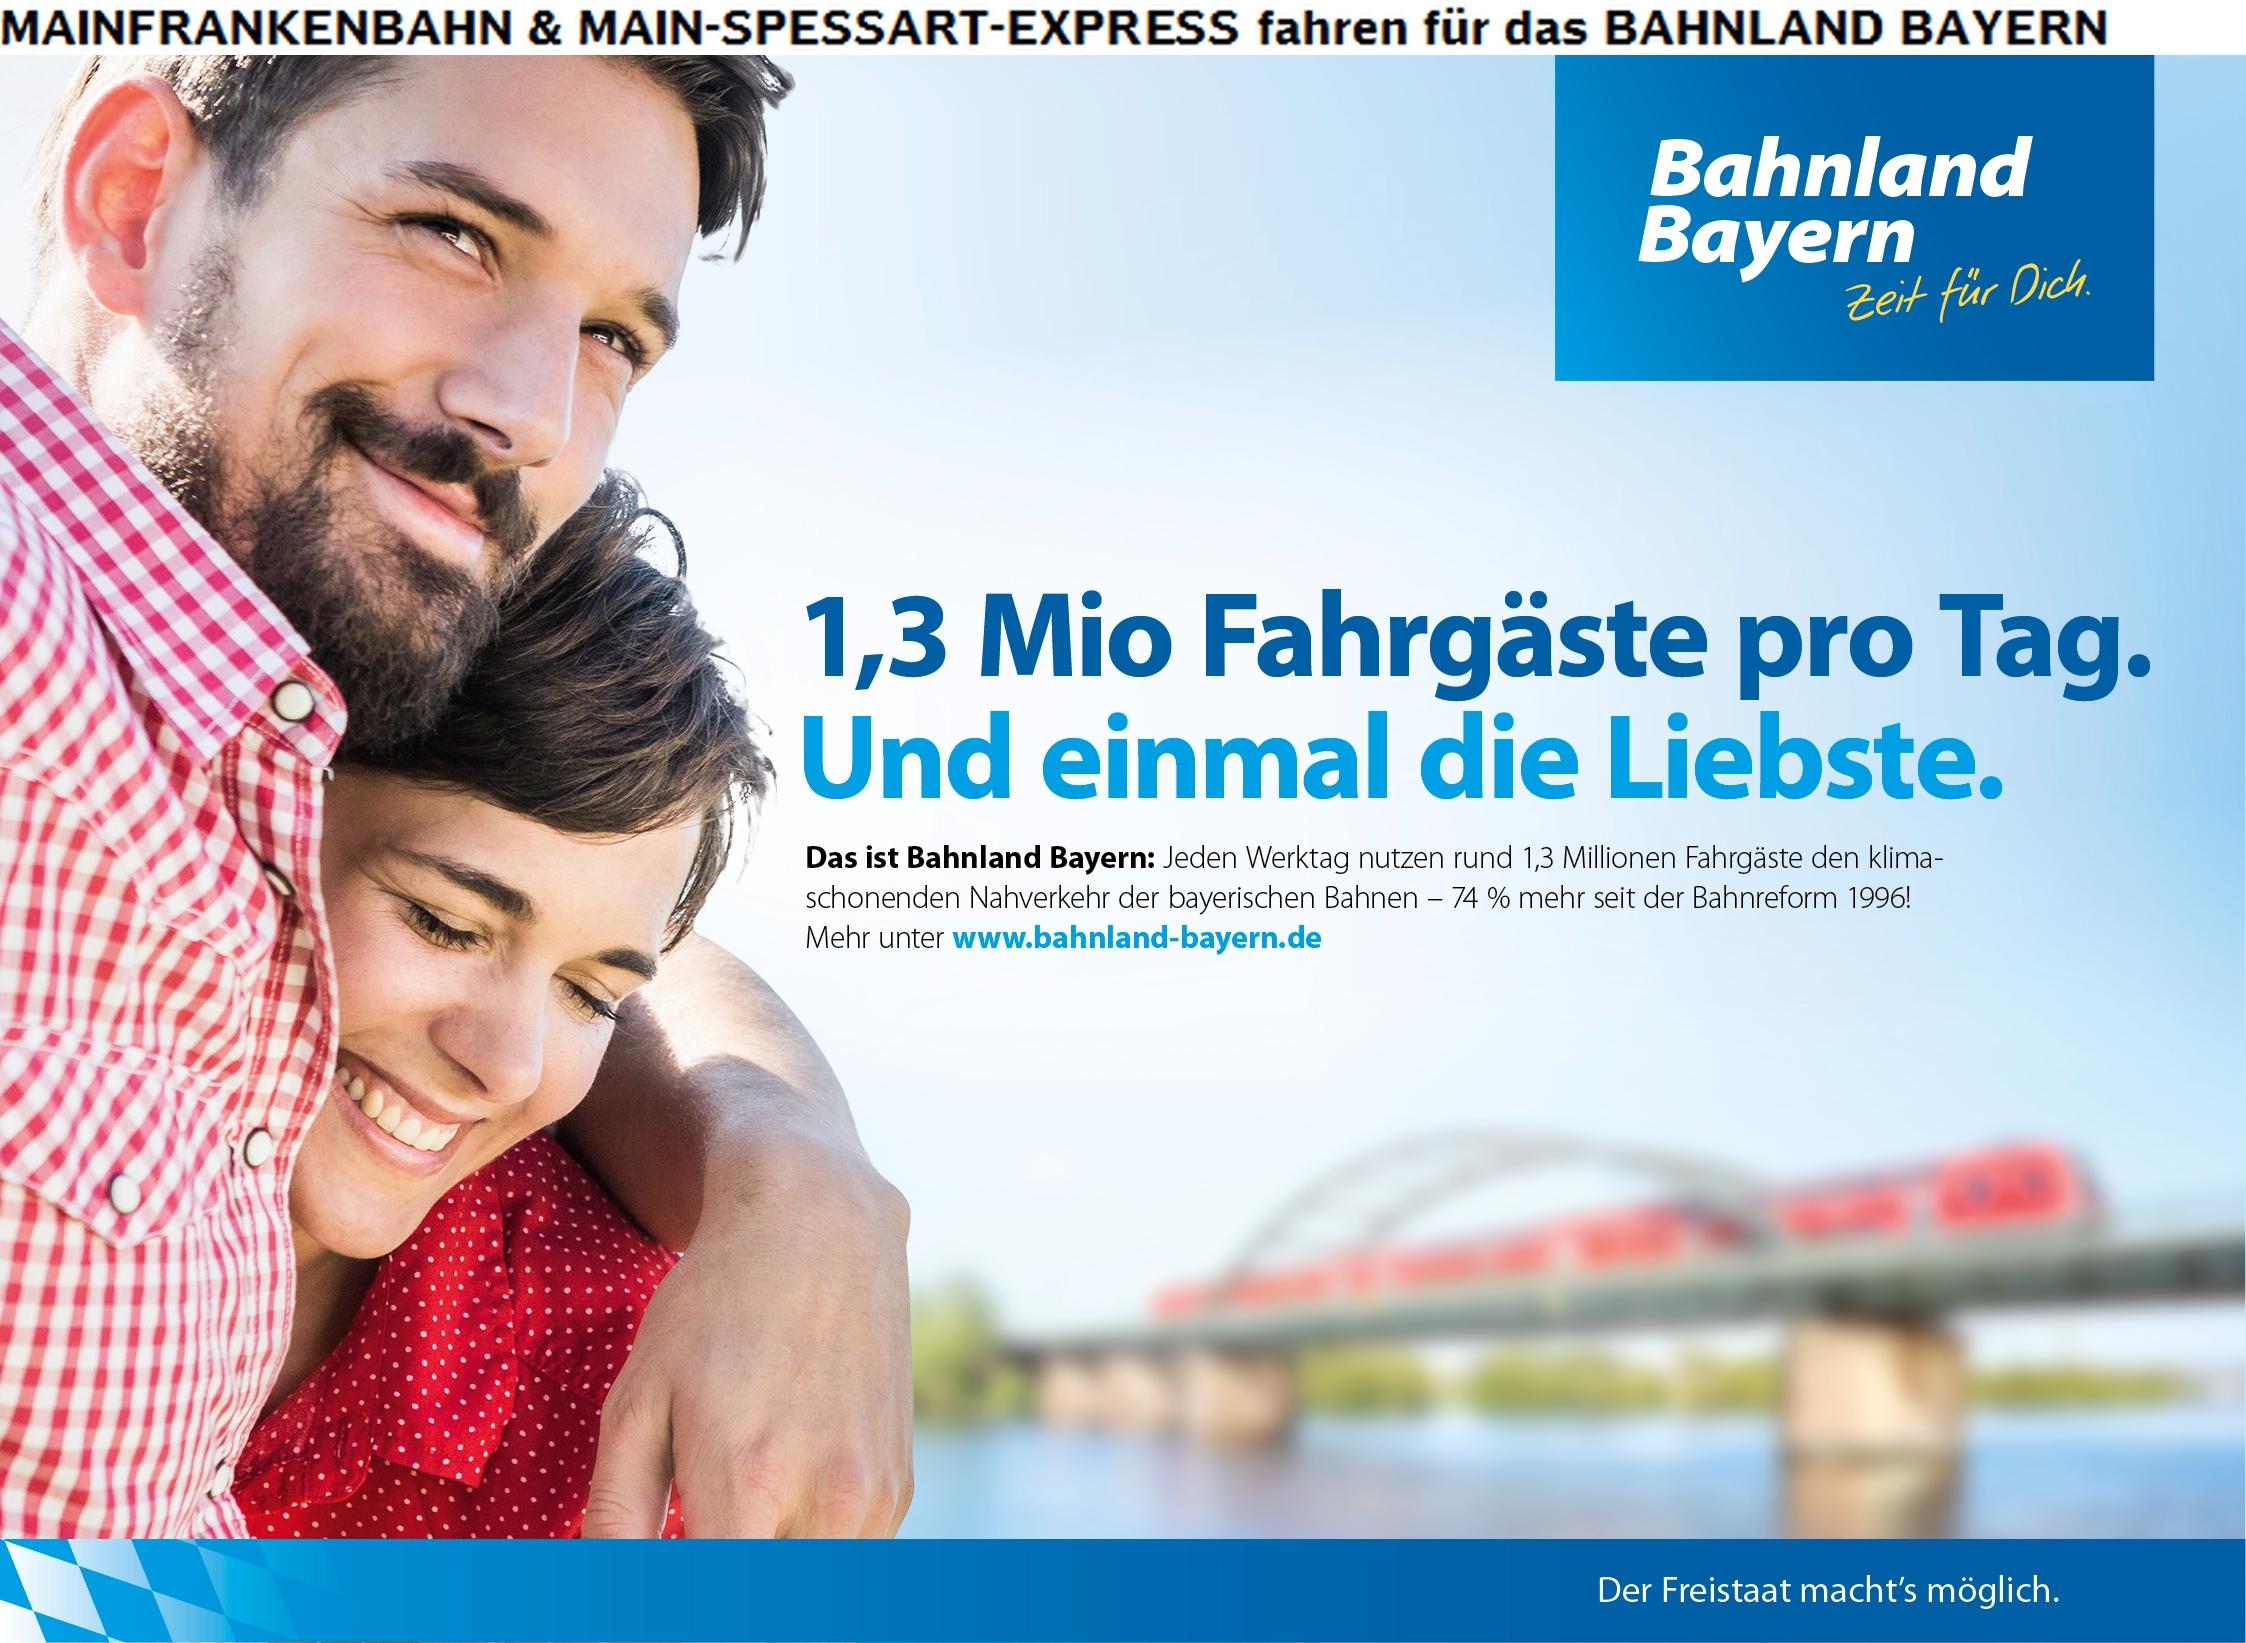 MAINFRANKENBAHN & MAIN-SPESSART-EXPRESS fahren für das BAHNLAND BAYERN